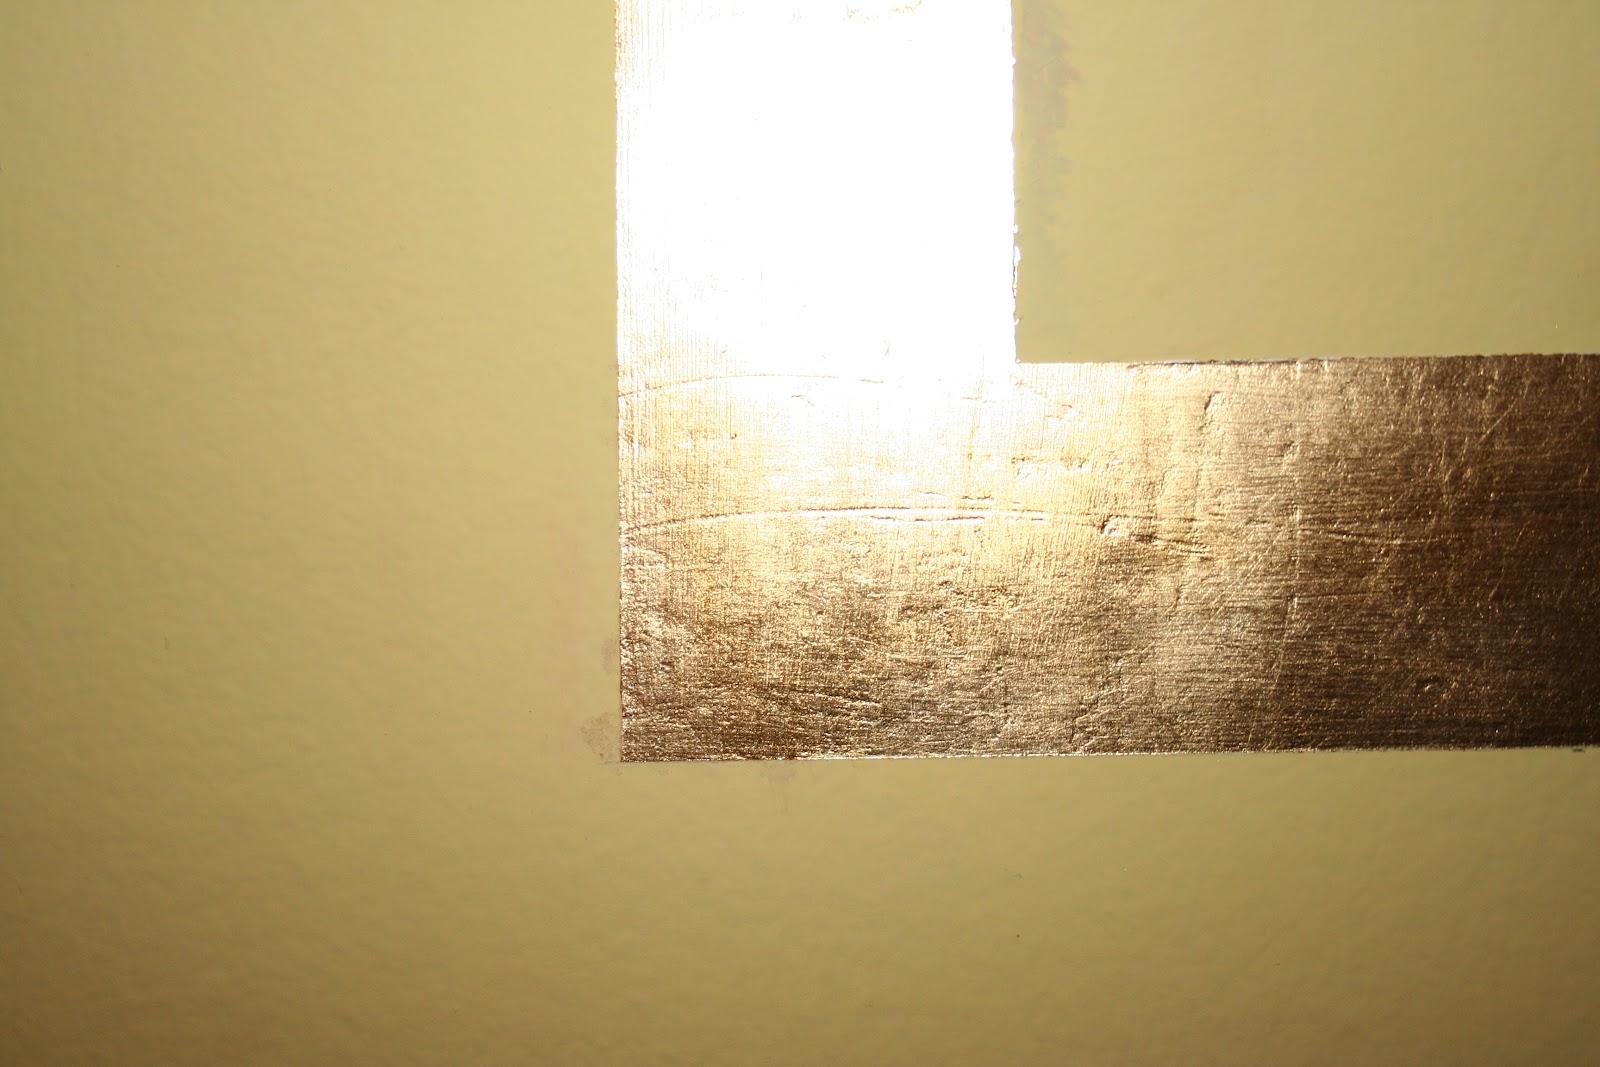 Caratteri mobili finta cornice in foglia oro - Cornice dei mobili ...